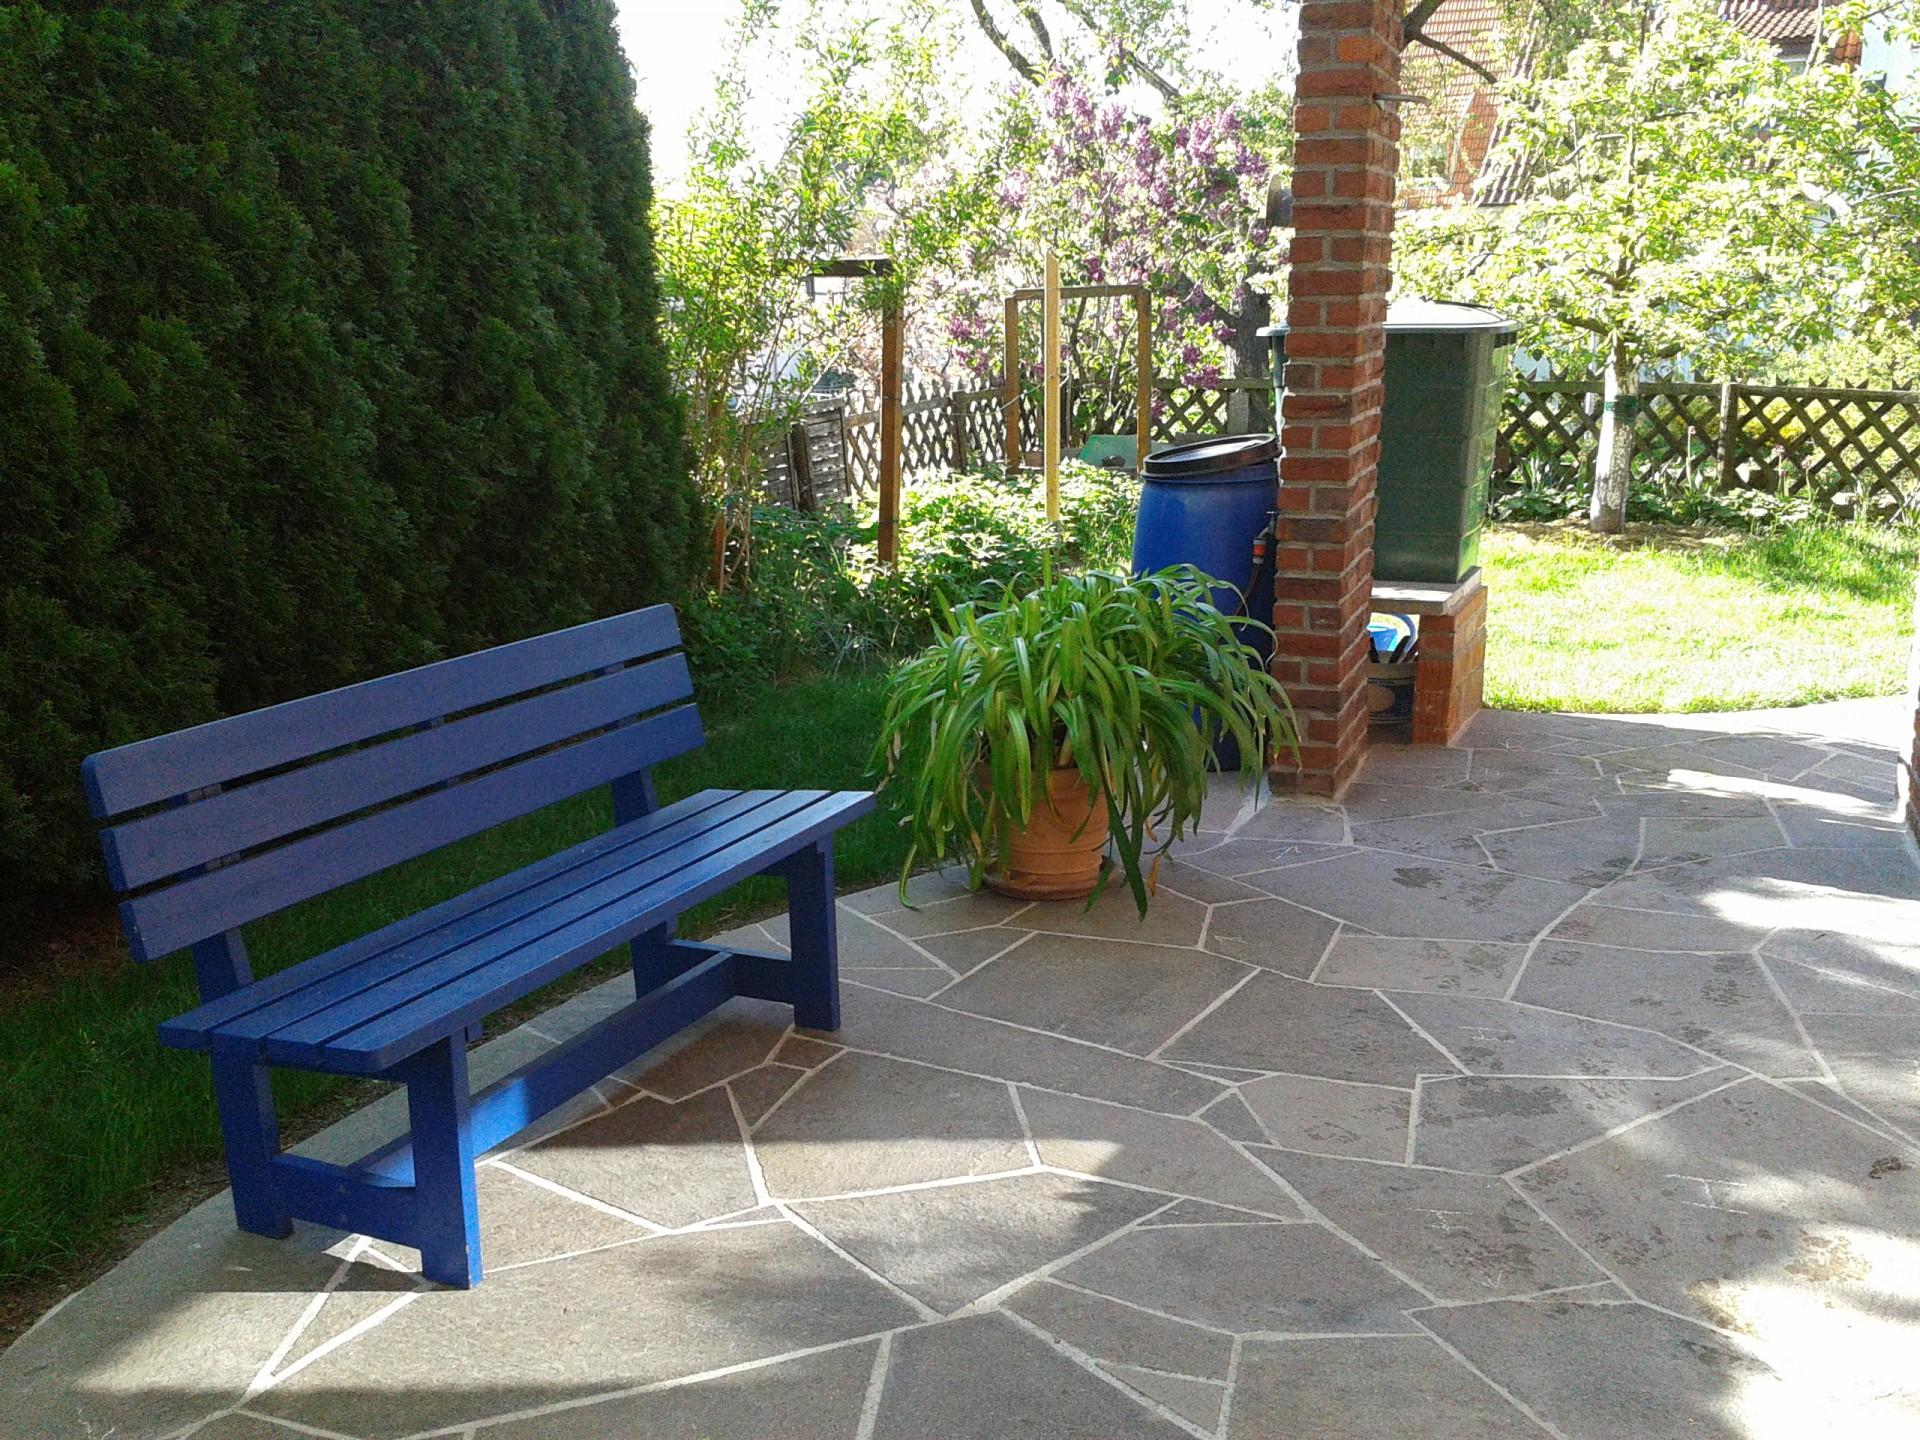 Garten und landschaftsbau im seehaus leonberg seehaus e v for Garten und landschaftsbau